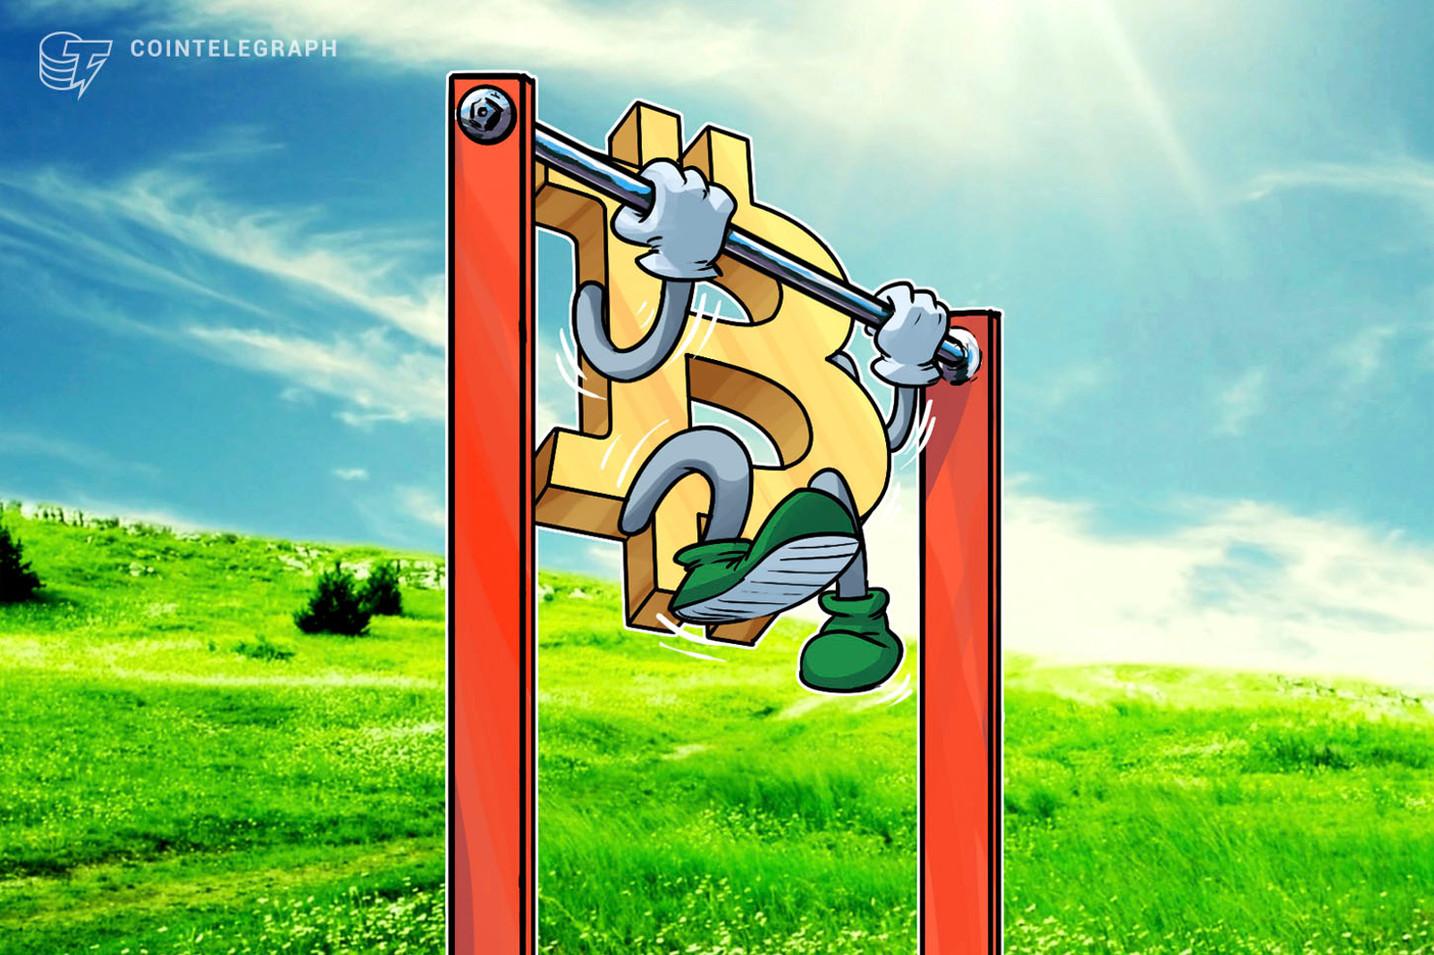 「もっと反ビットコイン派が増えないとダメ」著名テクニカル分析家、「底はまだ」と分析【仮想通貨相場】